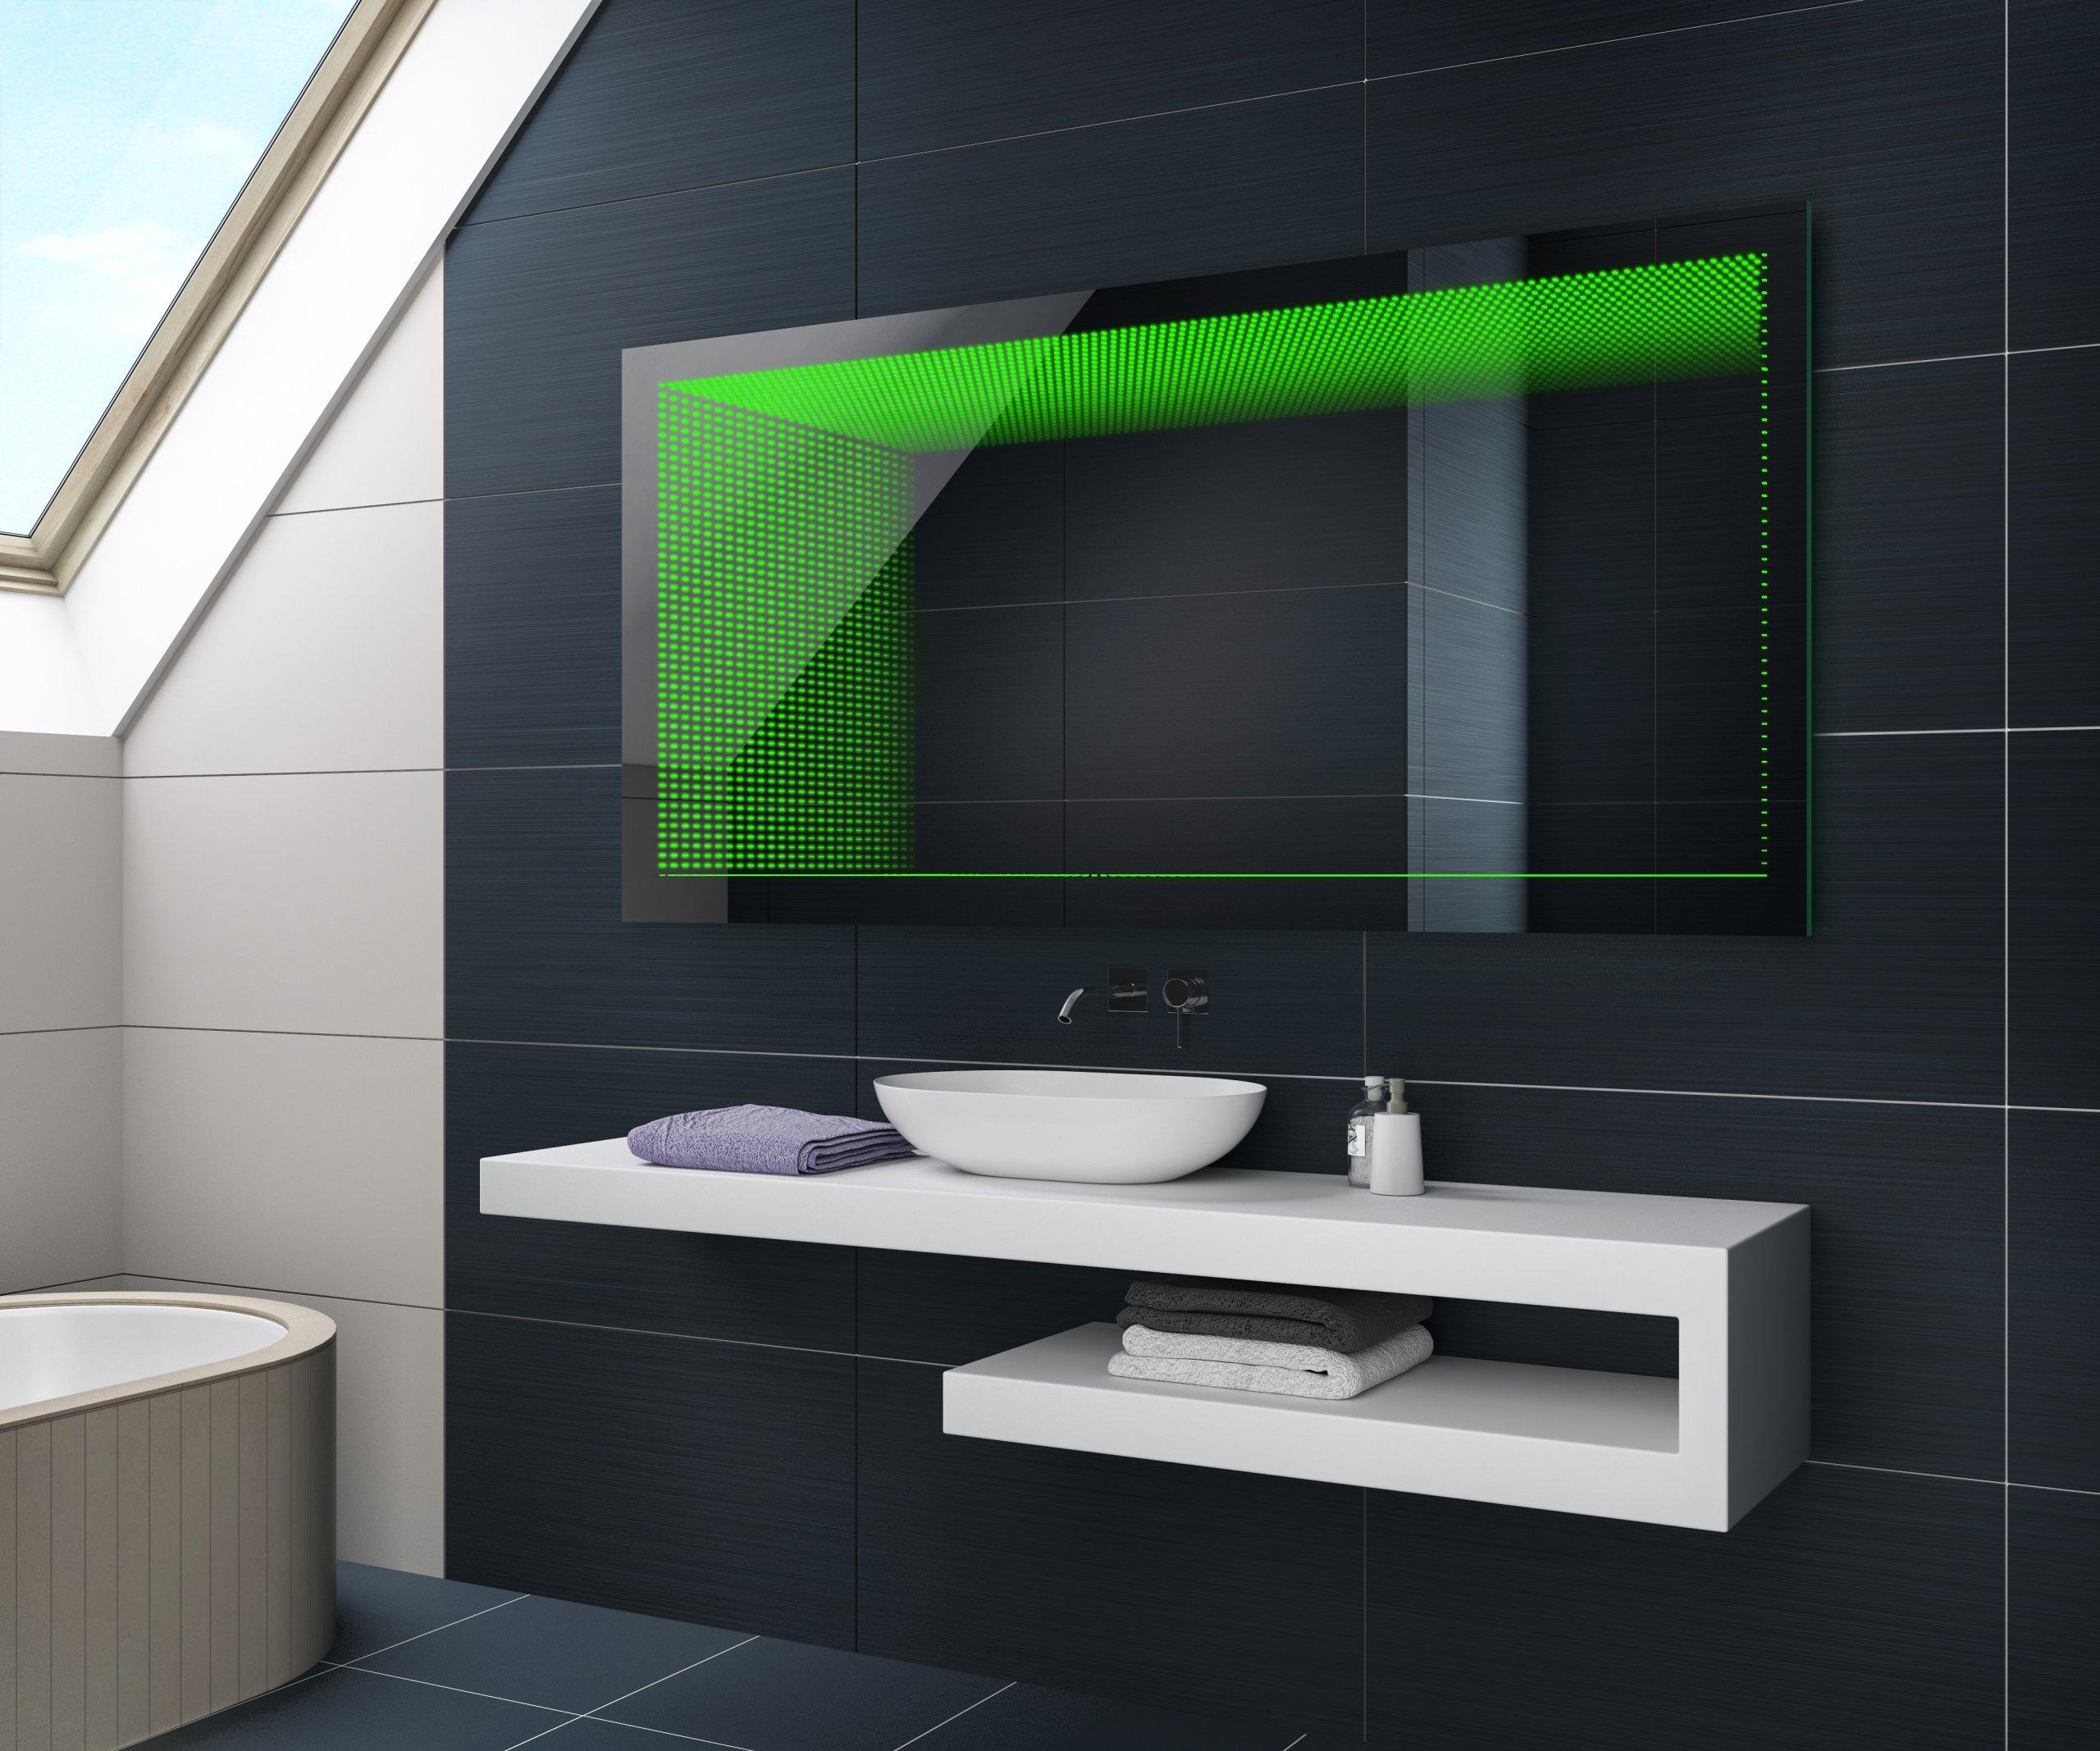 Koupelnové Zrcadlo S Led Osvětlením 70x50 Cm 3d Efekt Rgb